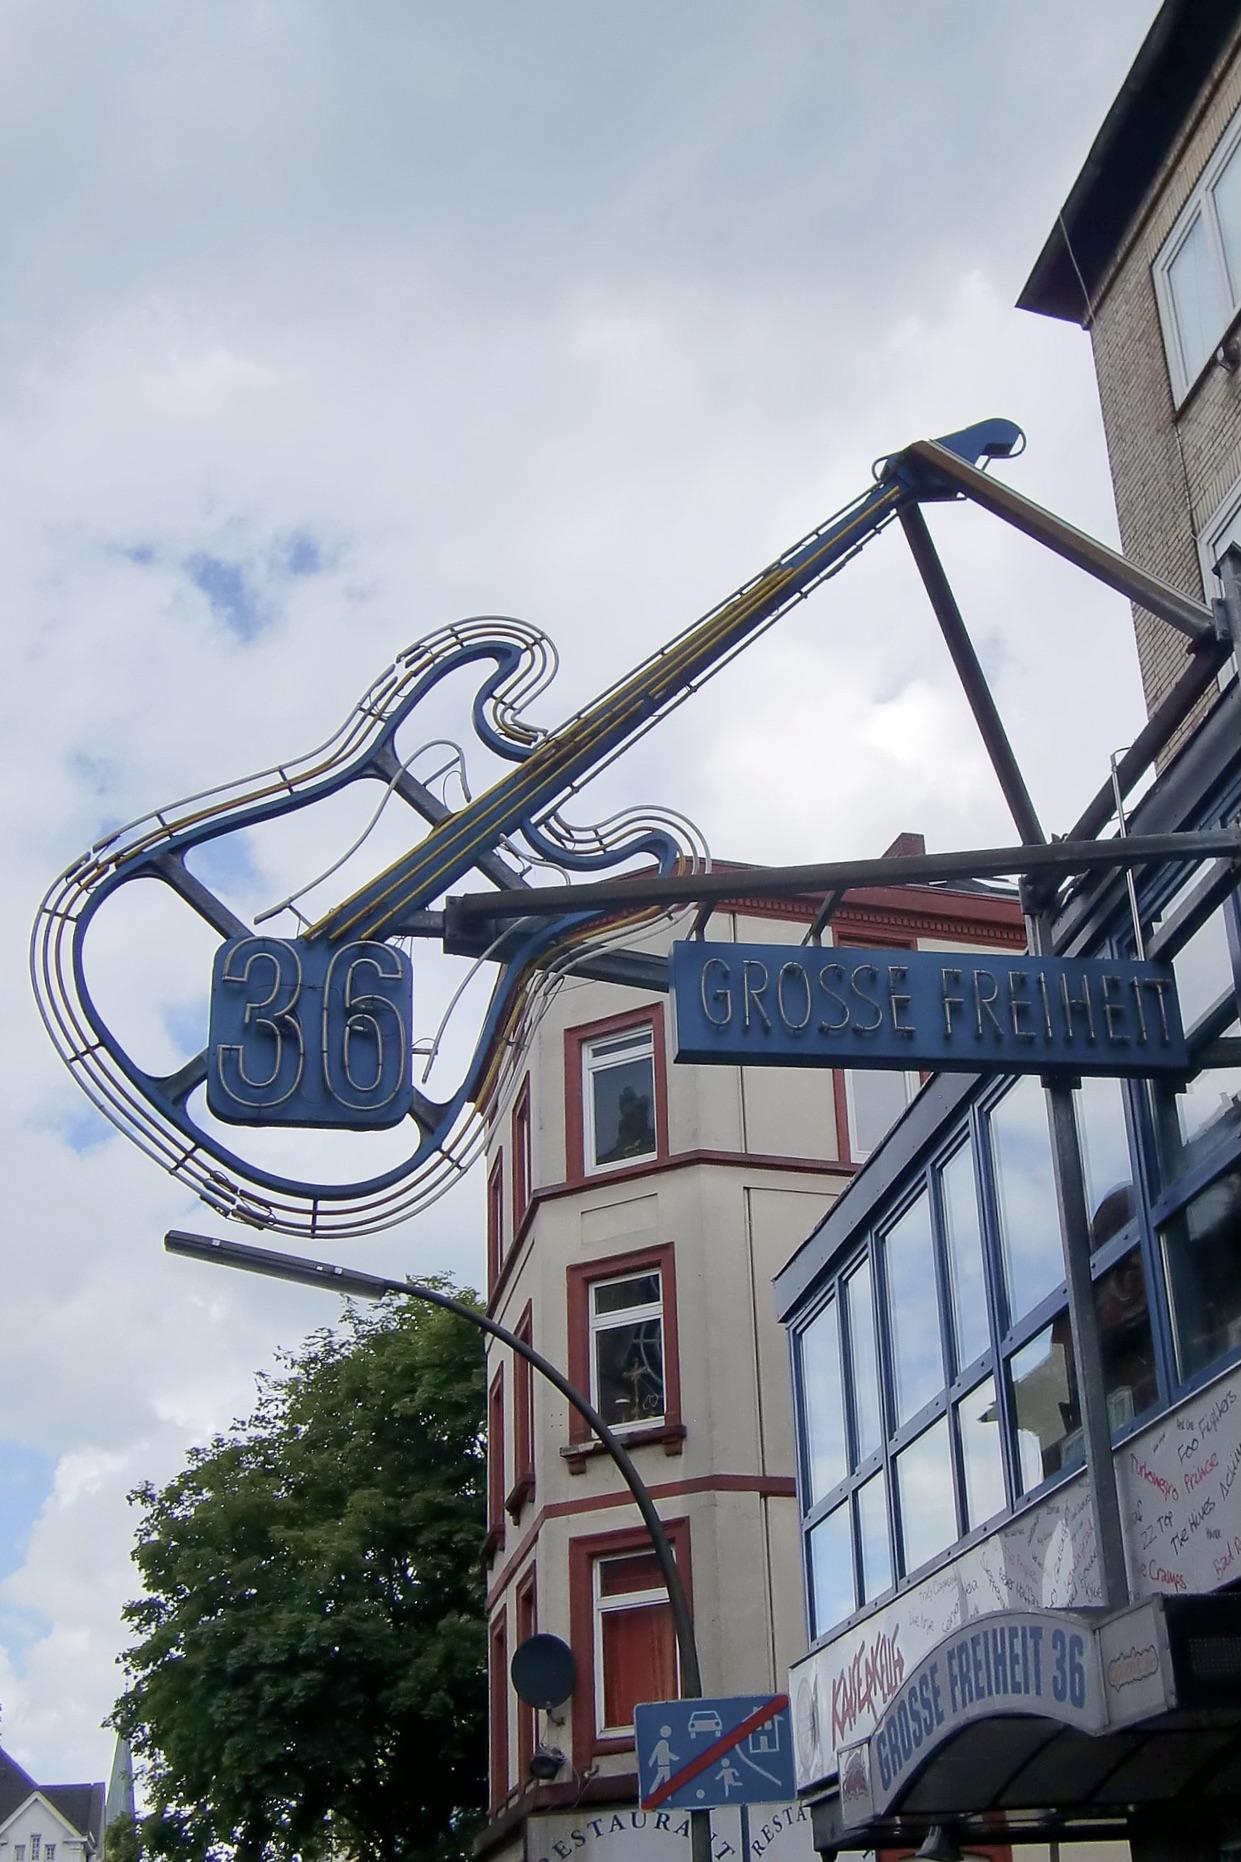 Große Freiheit 36 in St.Pauli